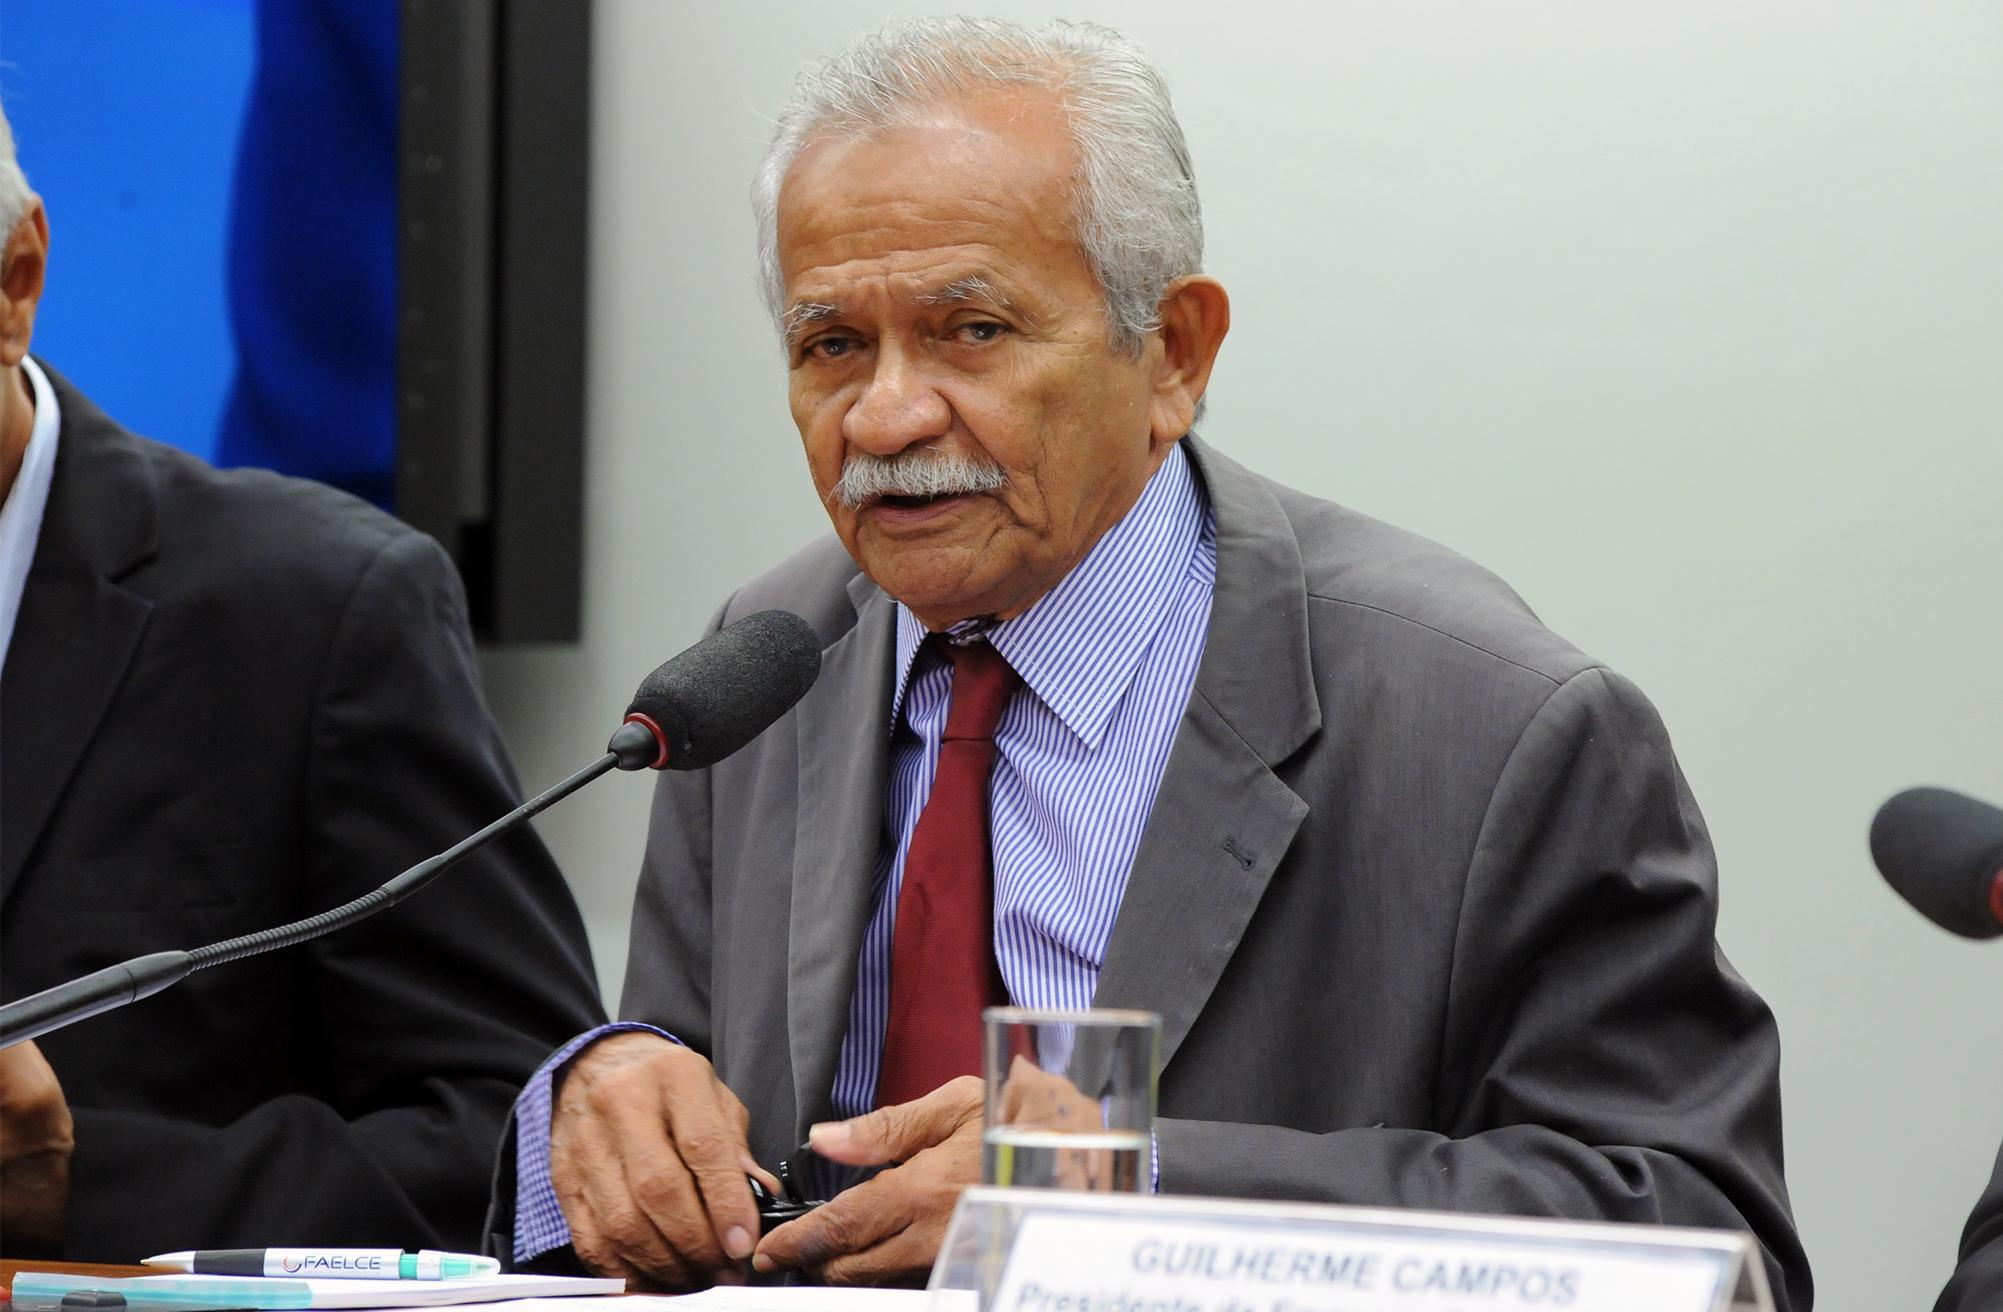 Audiência pública sobre a situação da Empresa Brasileira de Correios e Telégrafos. Dep. Chico Lopes (PCdoB - CE)